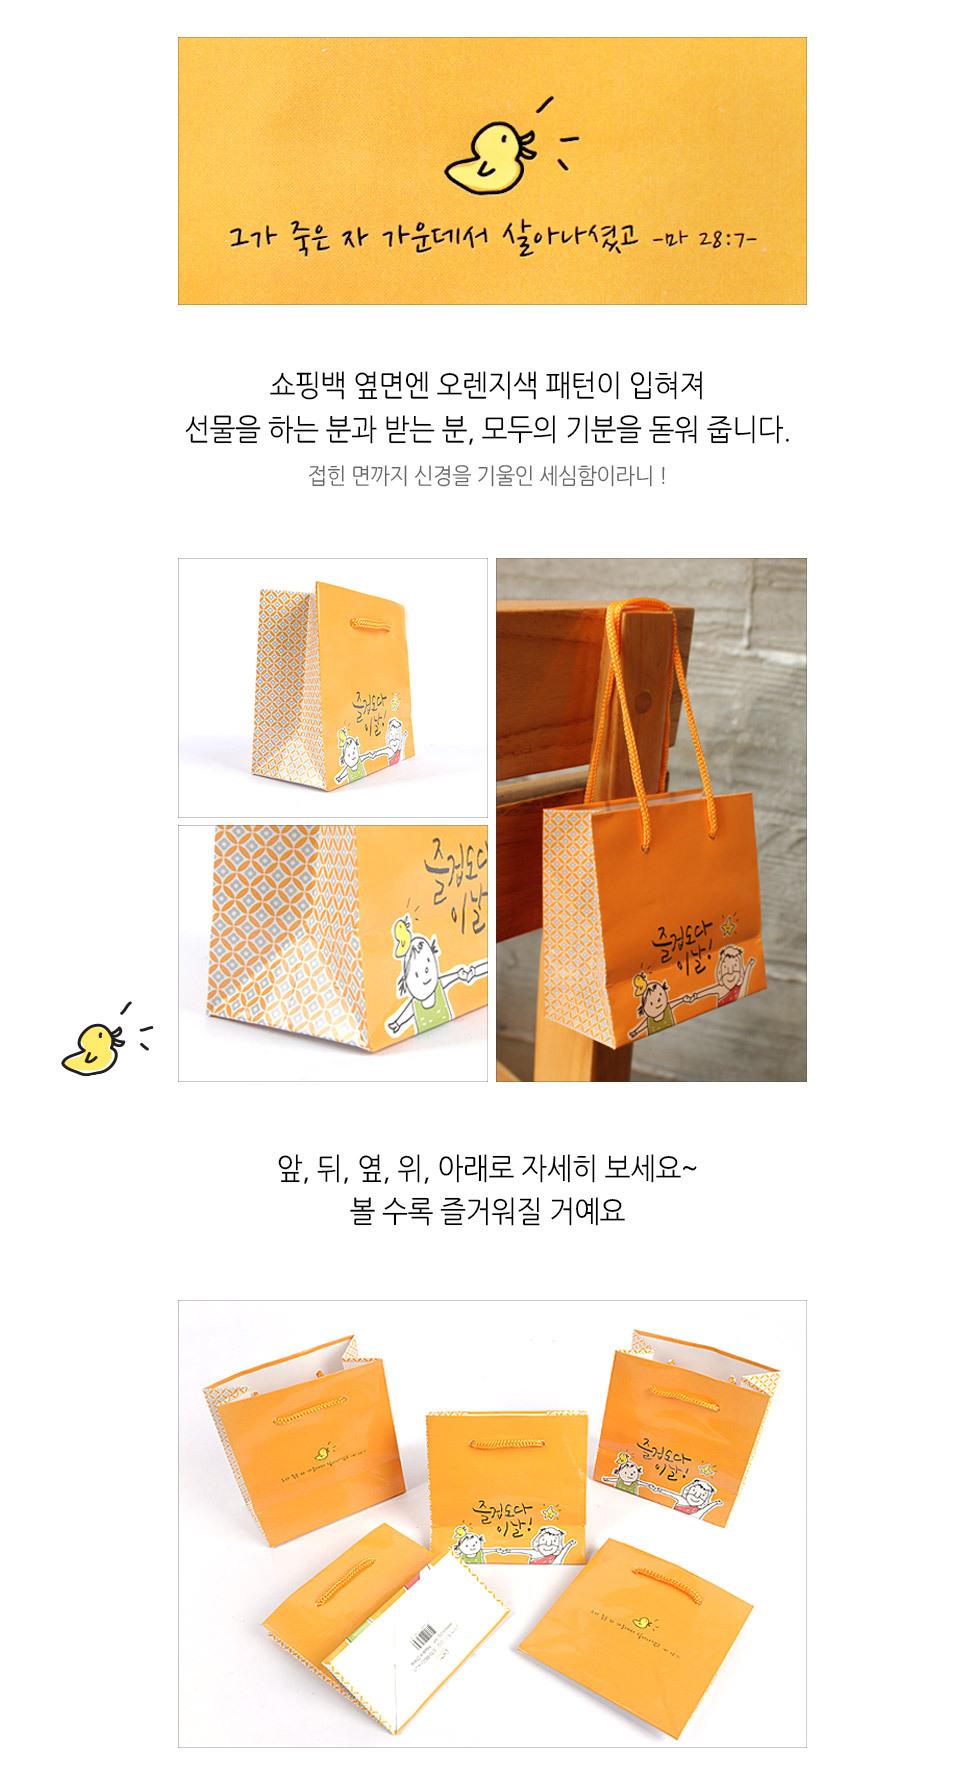 부활절 선물포장, 계란포장 패키지 종이가방(특소) 1.즐겁도다이날 상세보기